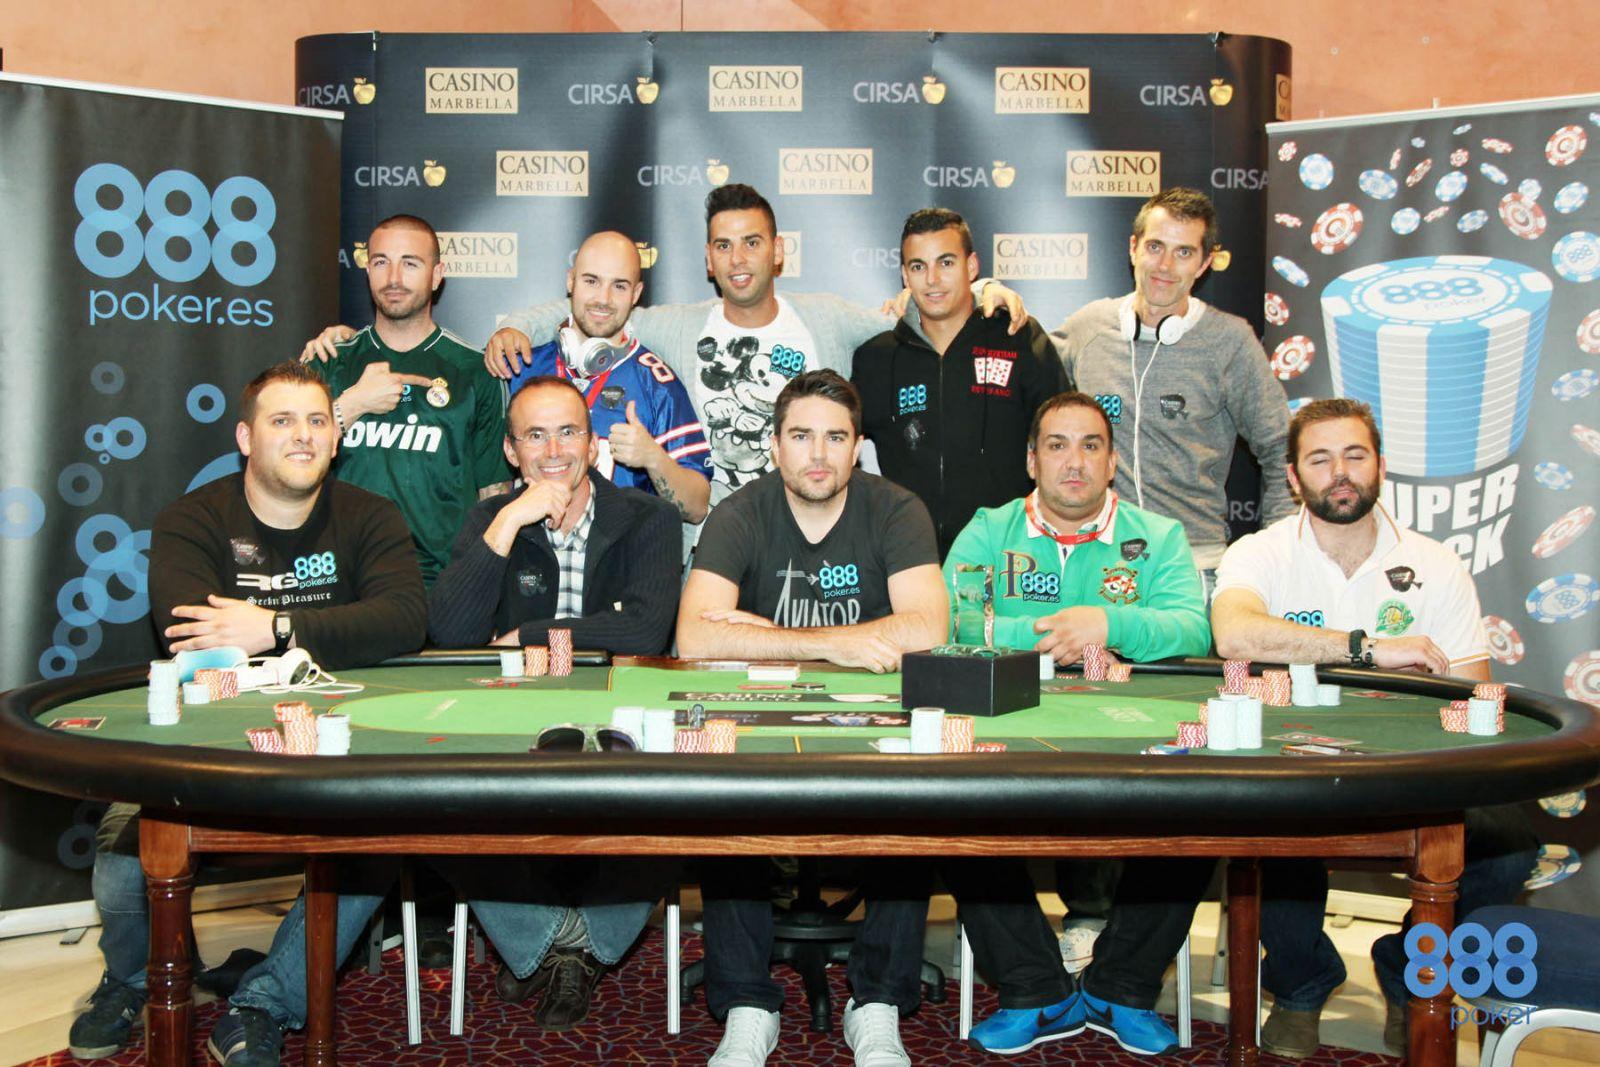 888 poker default noticias del casino enracha 765535